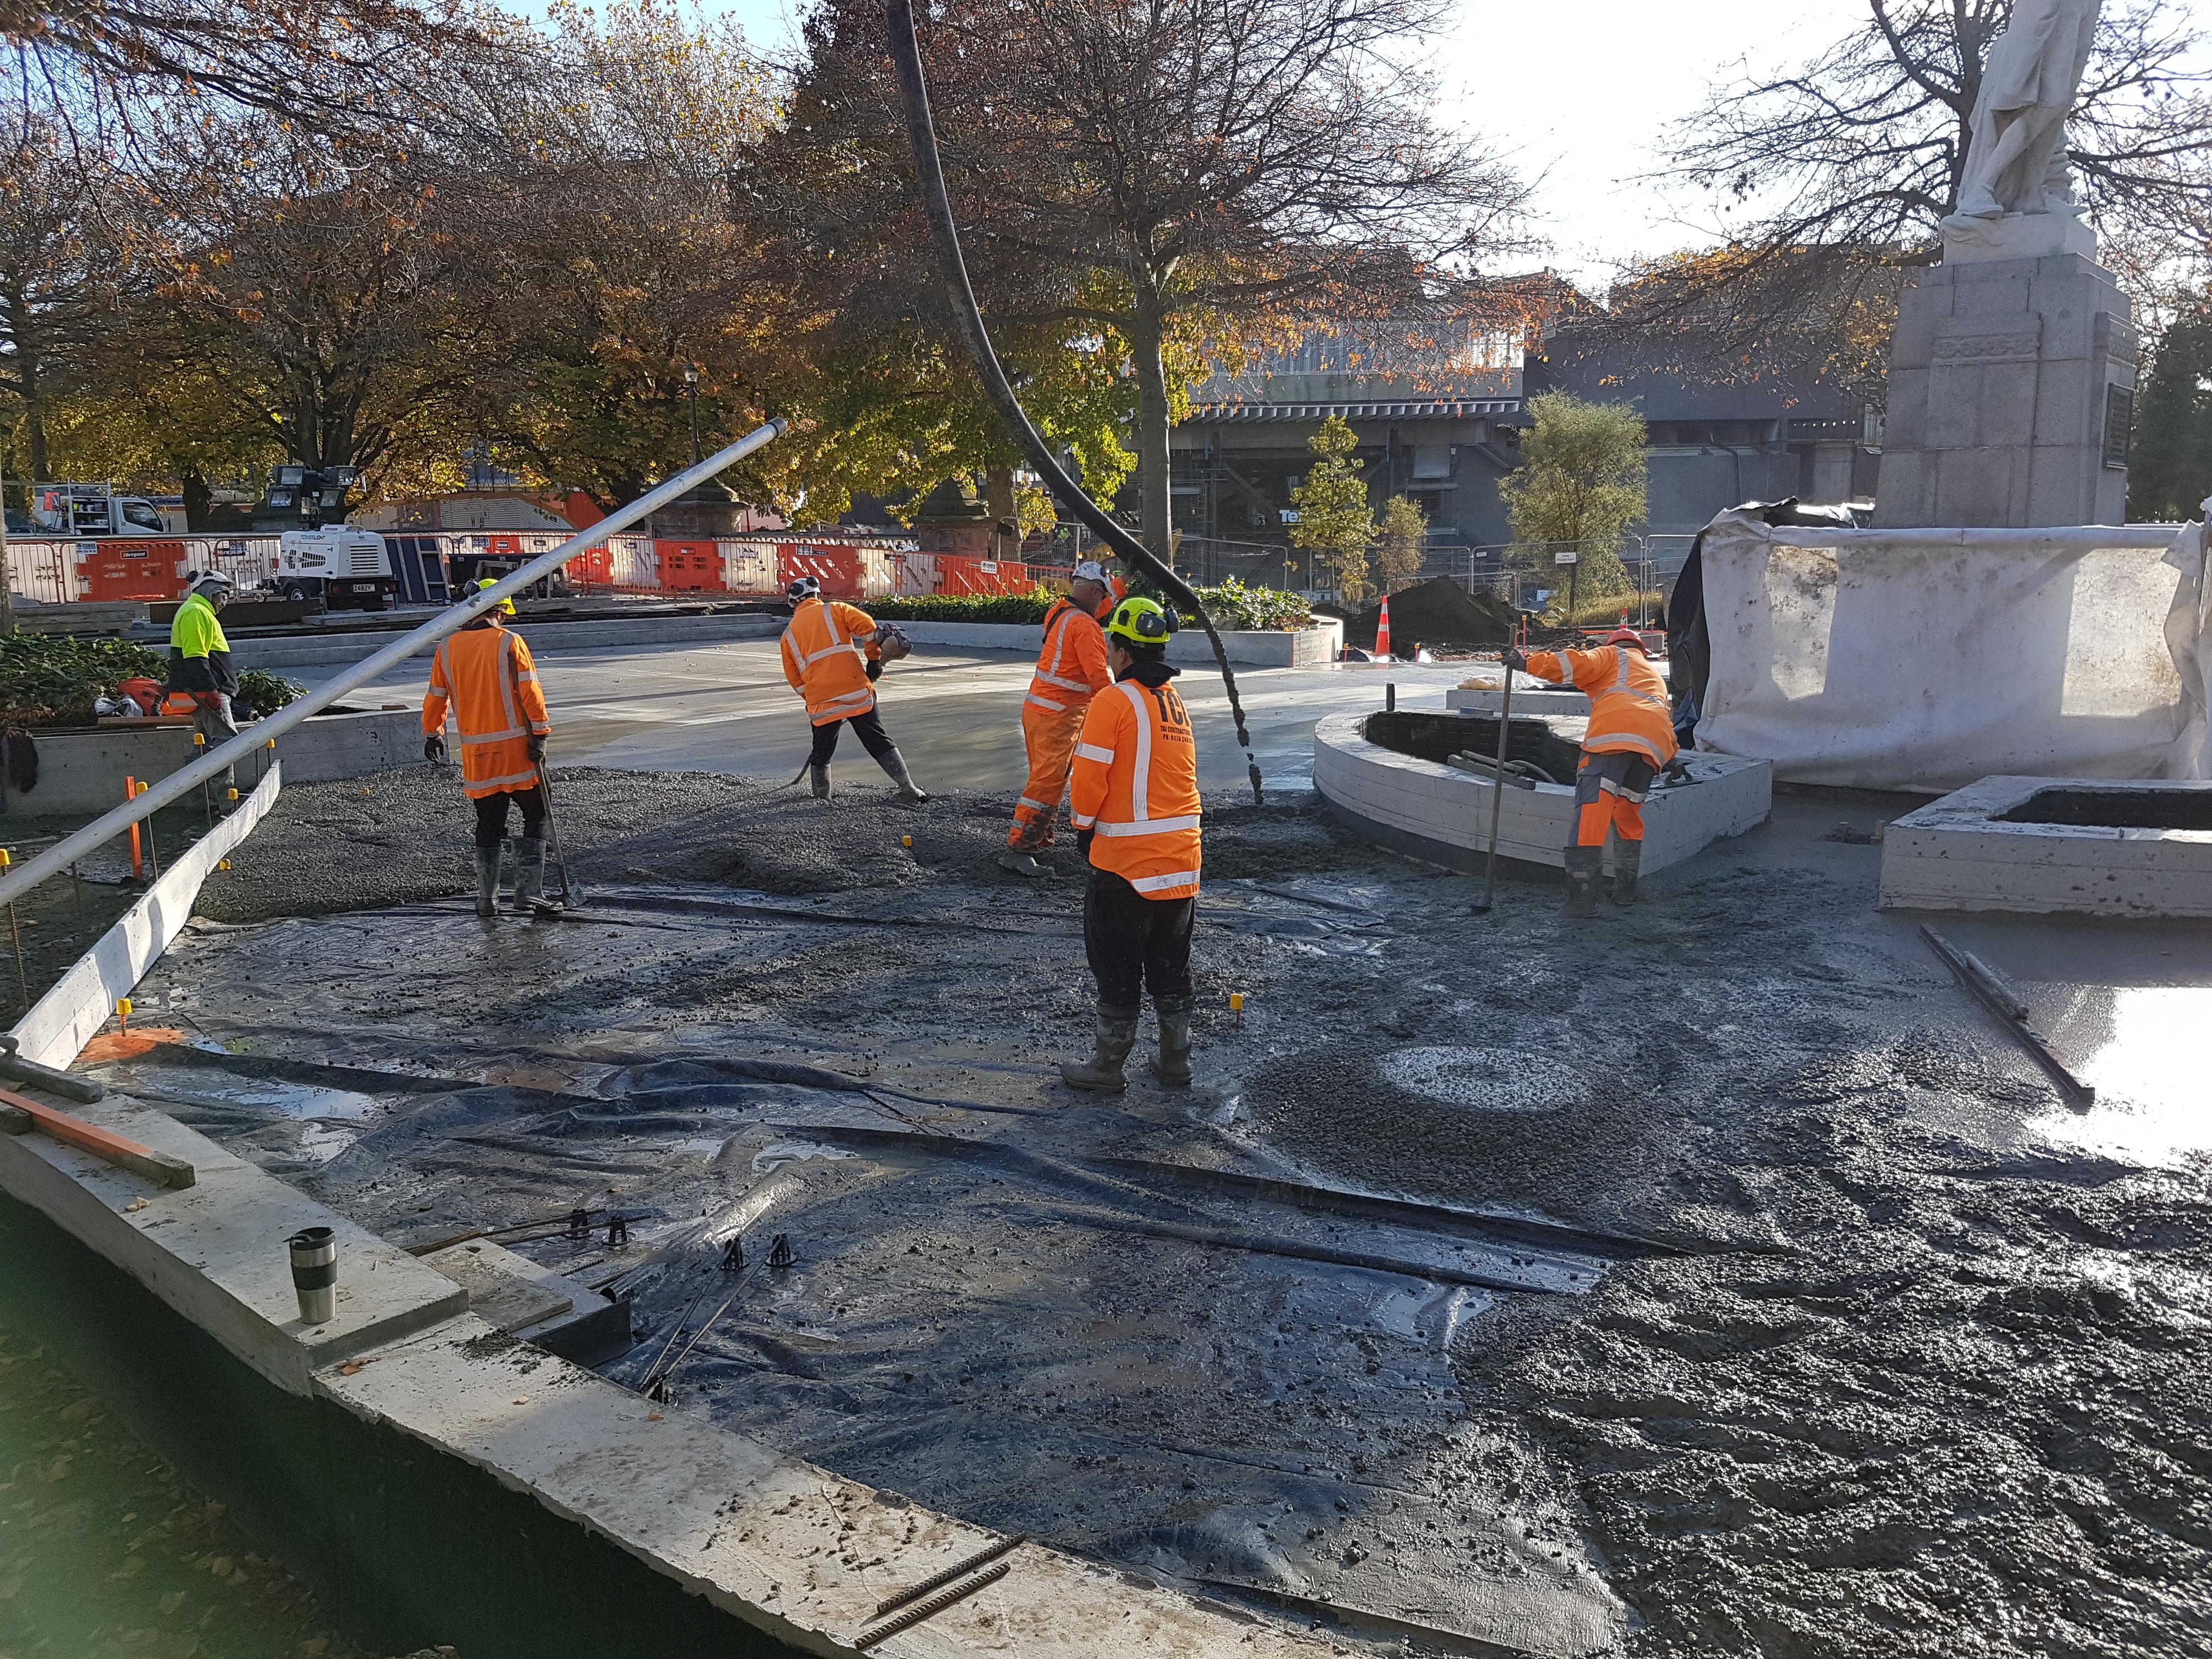 Workers place concrete into the Victoria Park build, uses Inforce fibre concrete